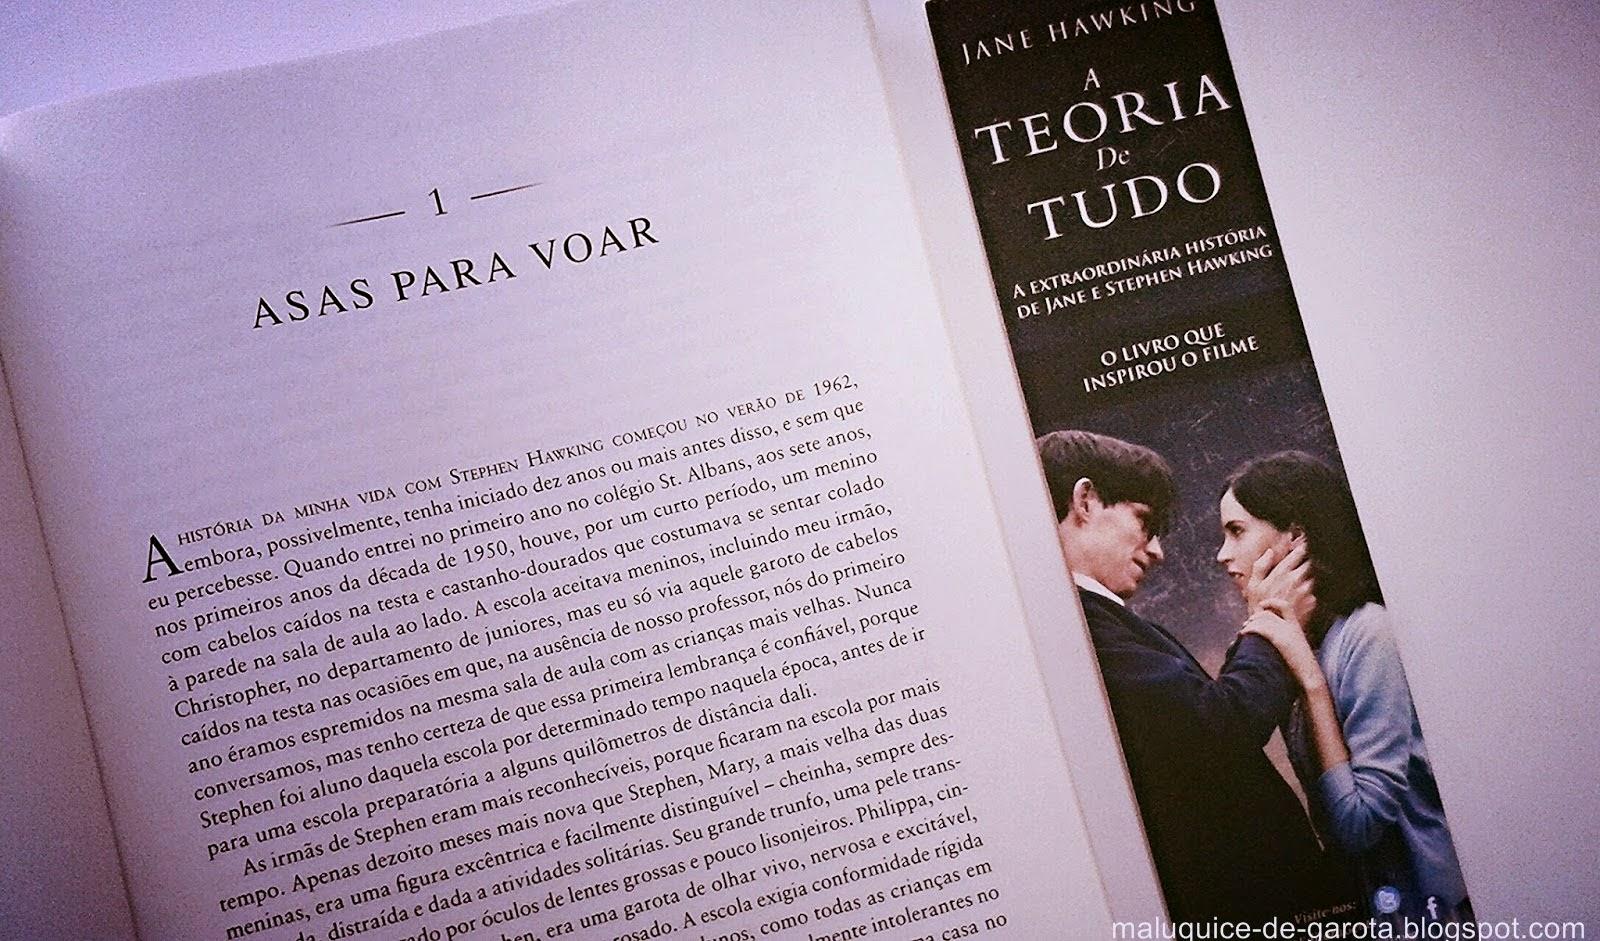 Imagem do blog Maluquice de Garota